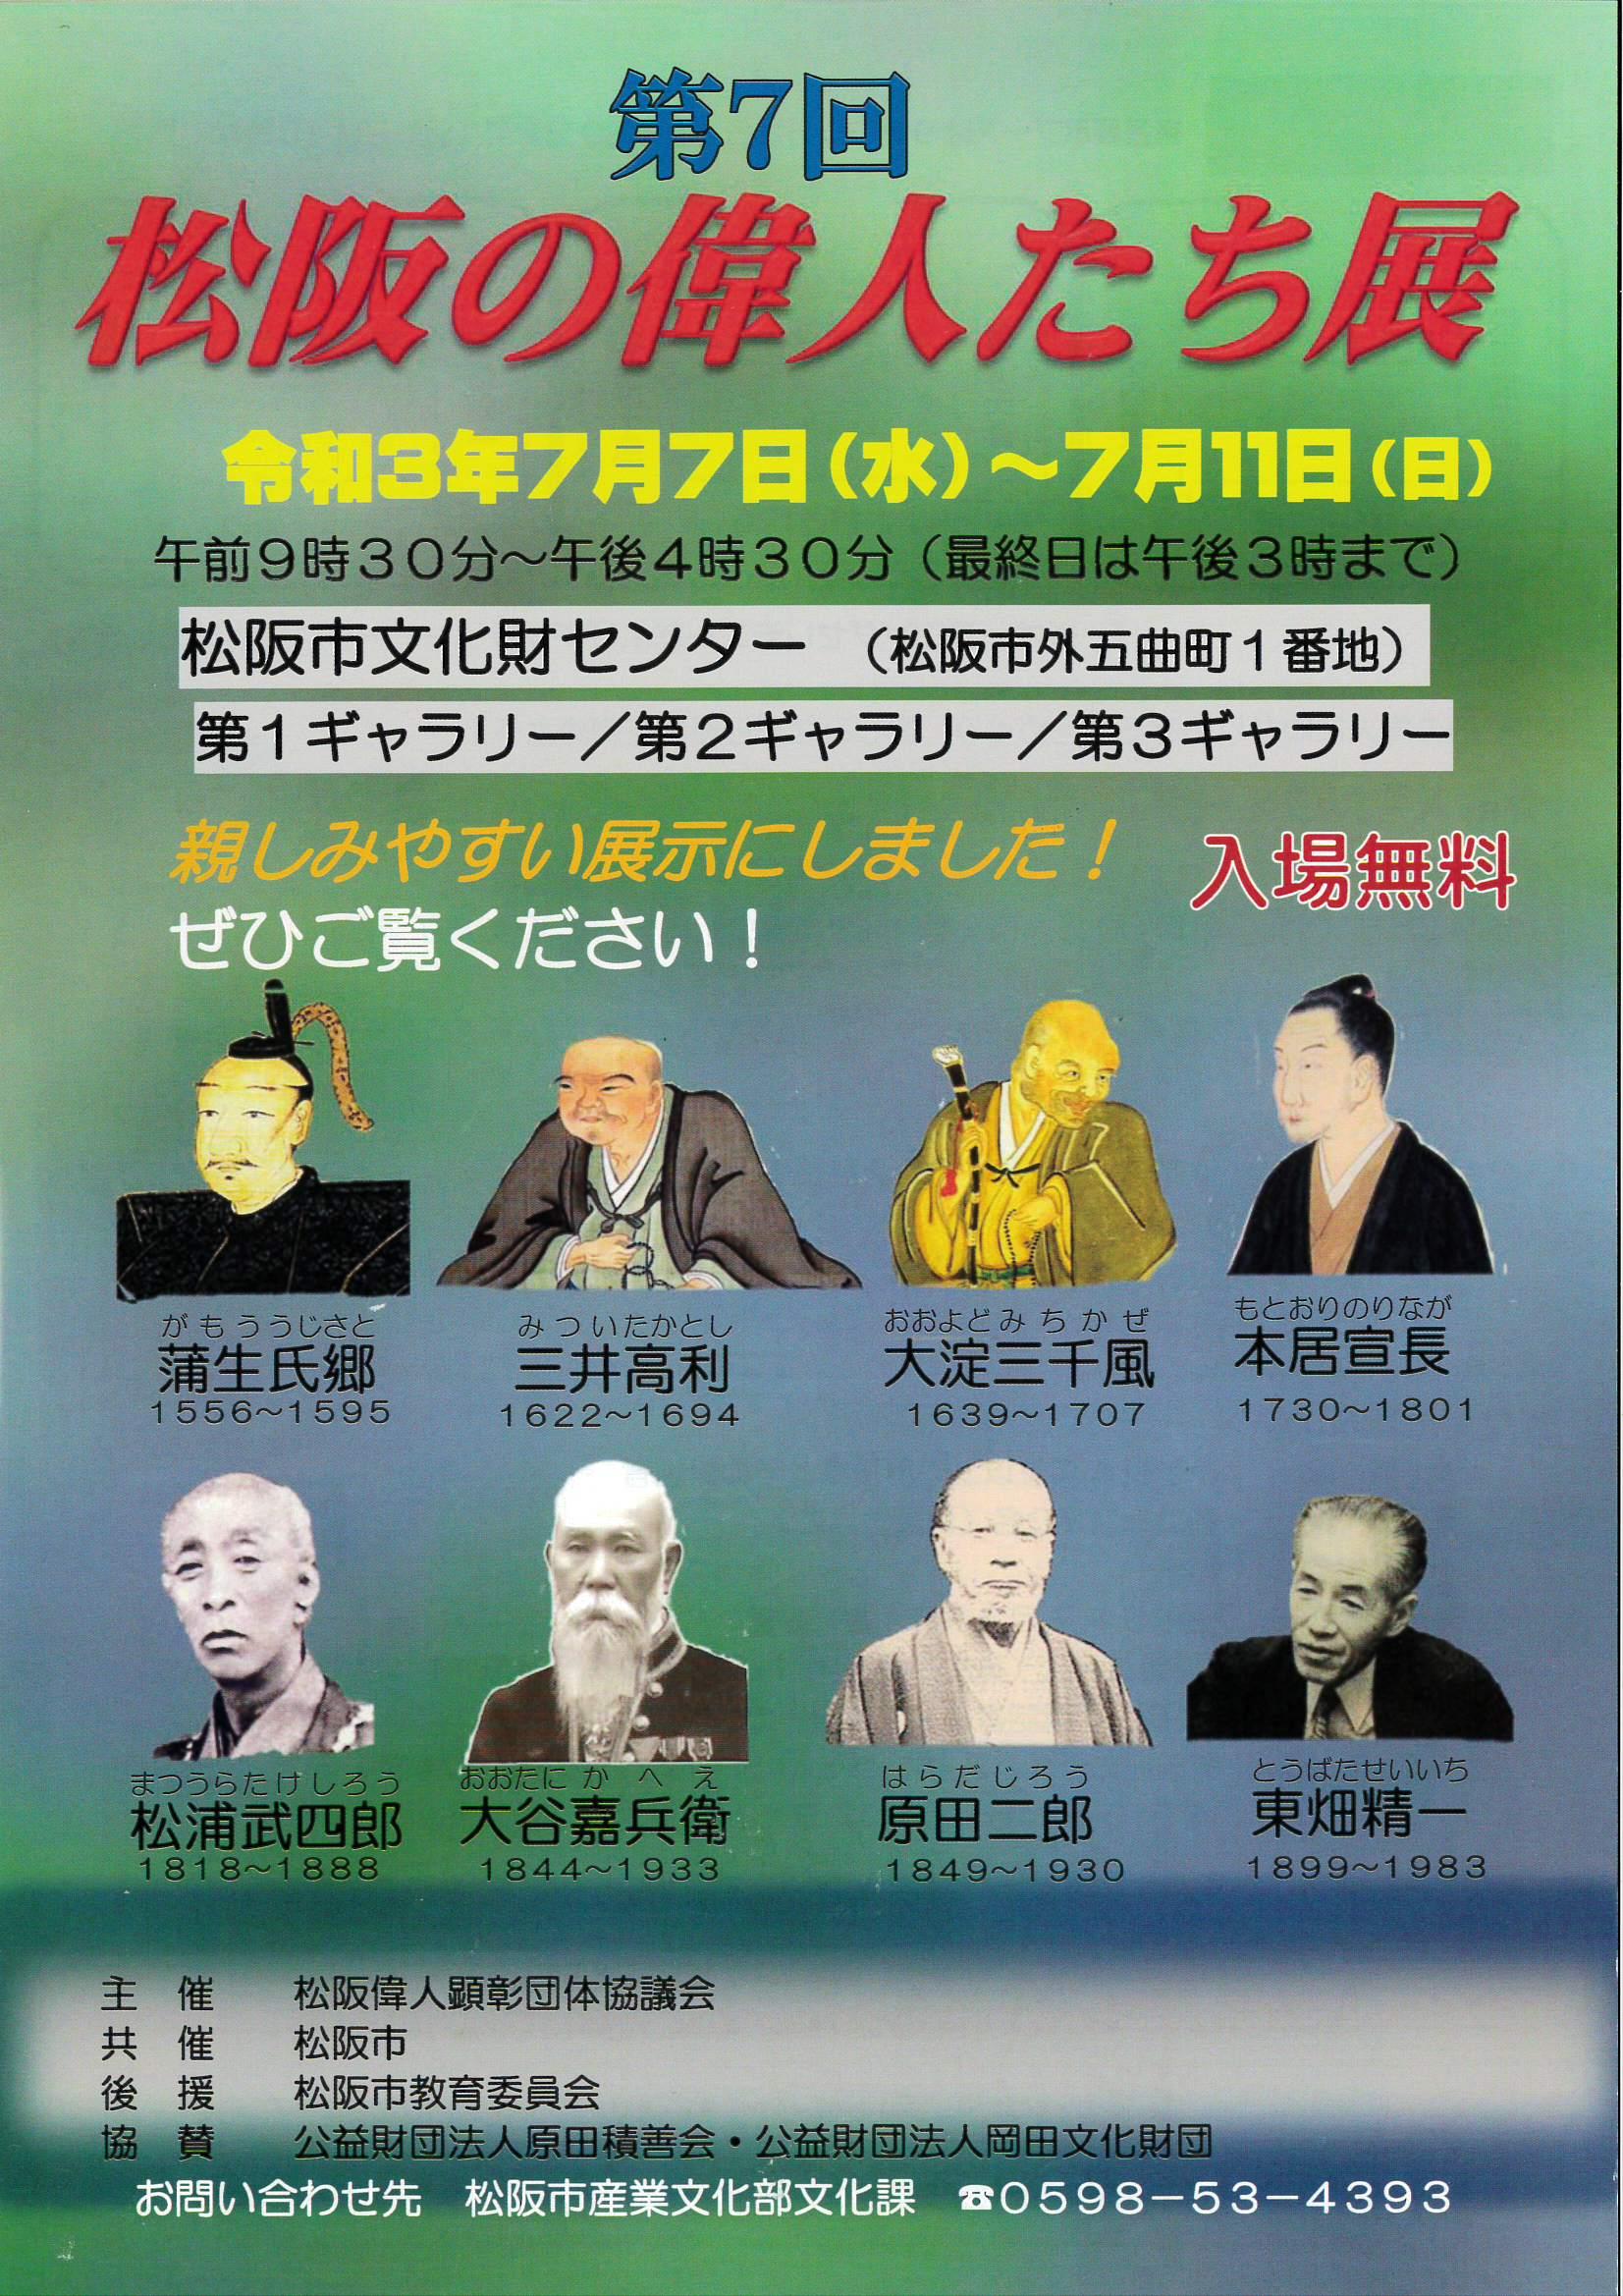 第7回 松阪の偉人たち展 令和3年7月7日(水)~7月11日(日)